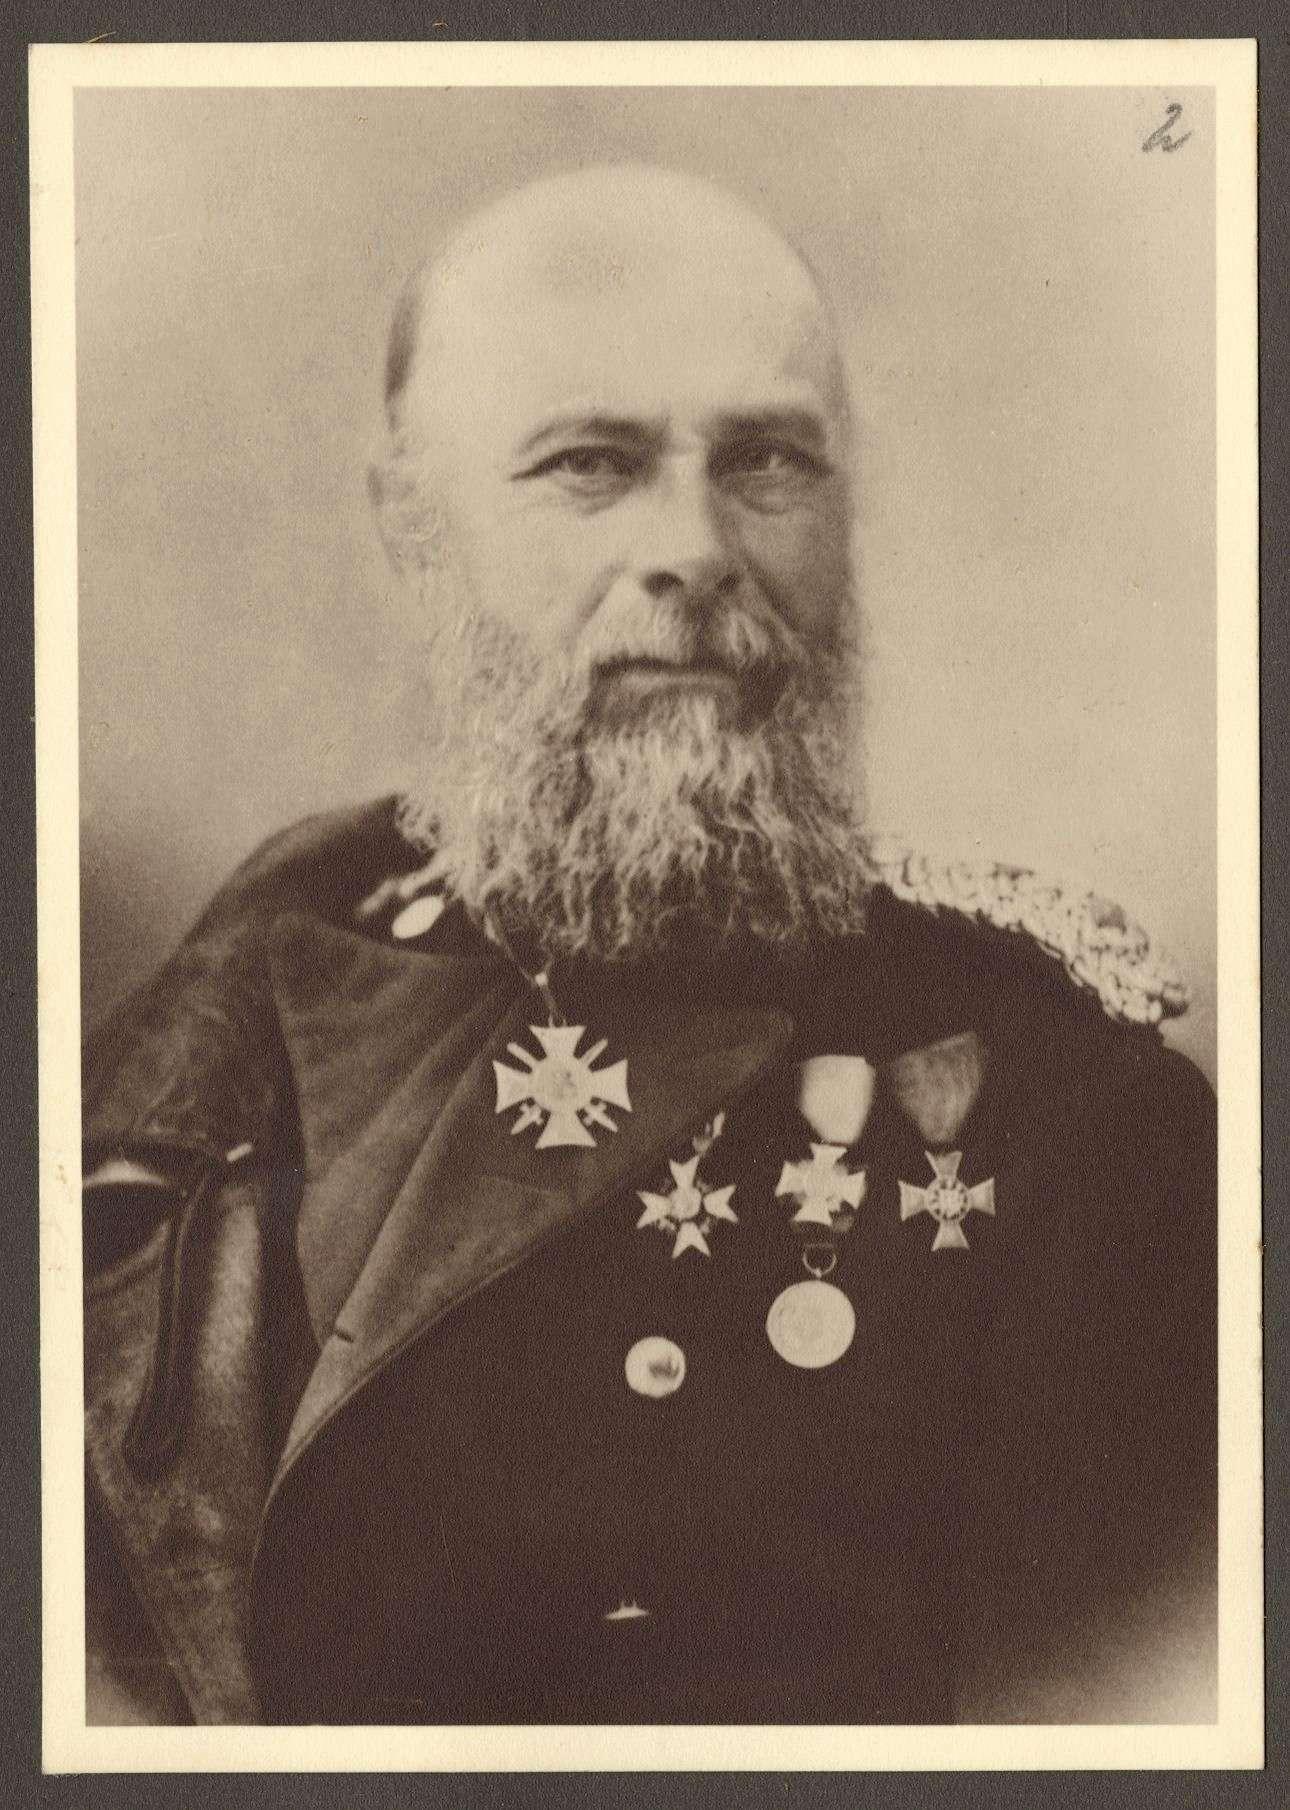 Seubert, Adolf von, Bild 1